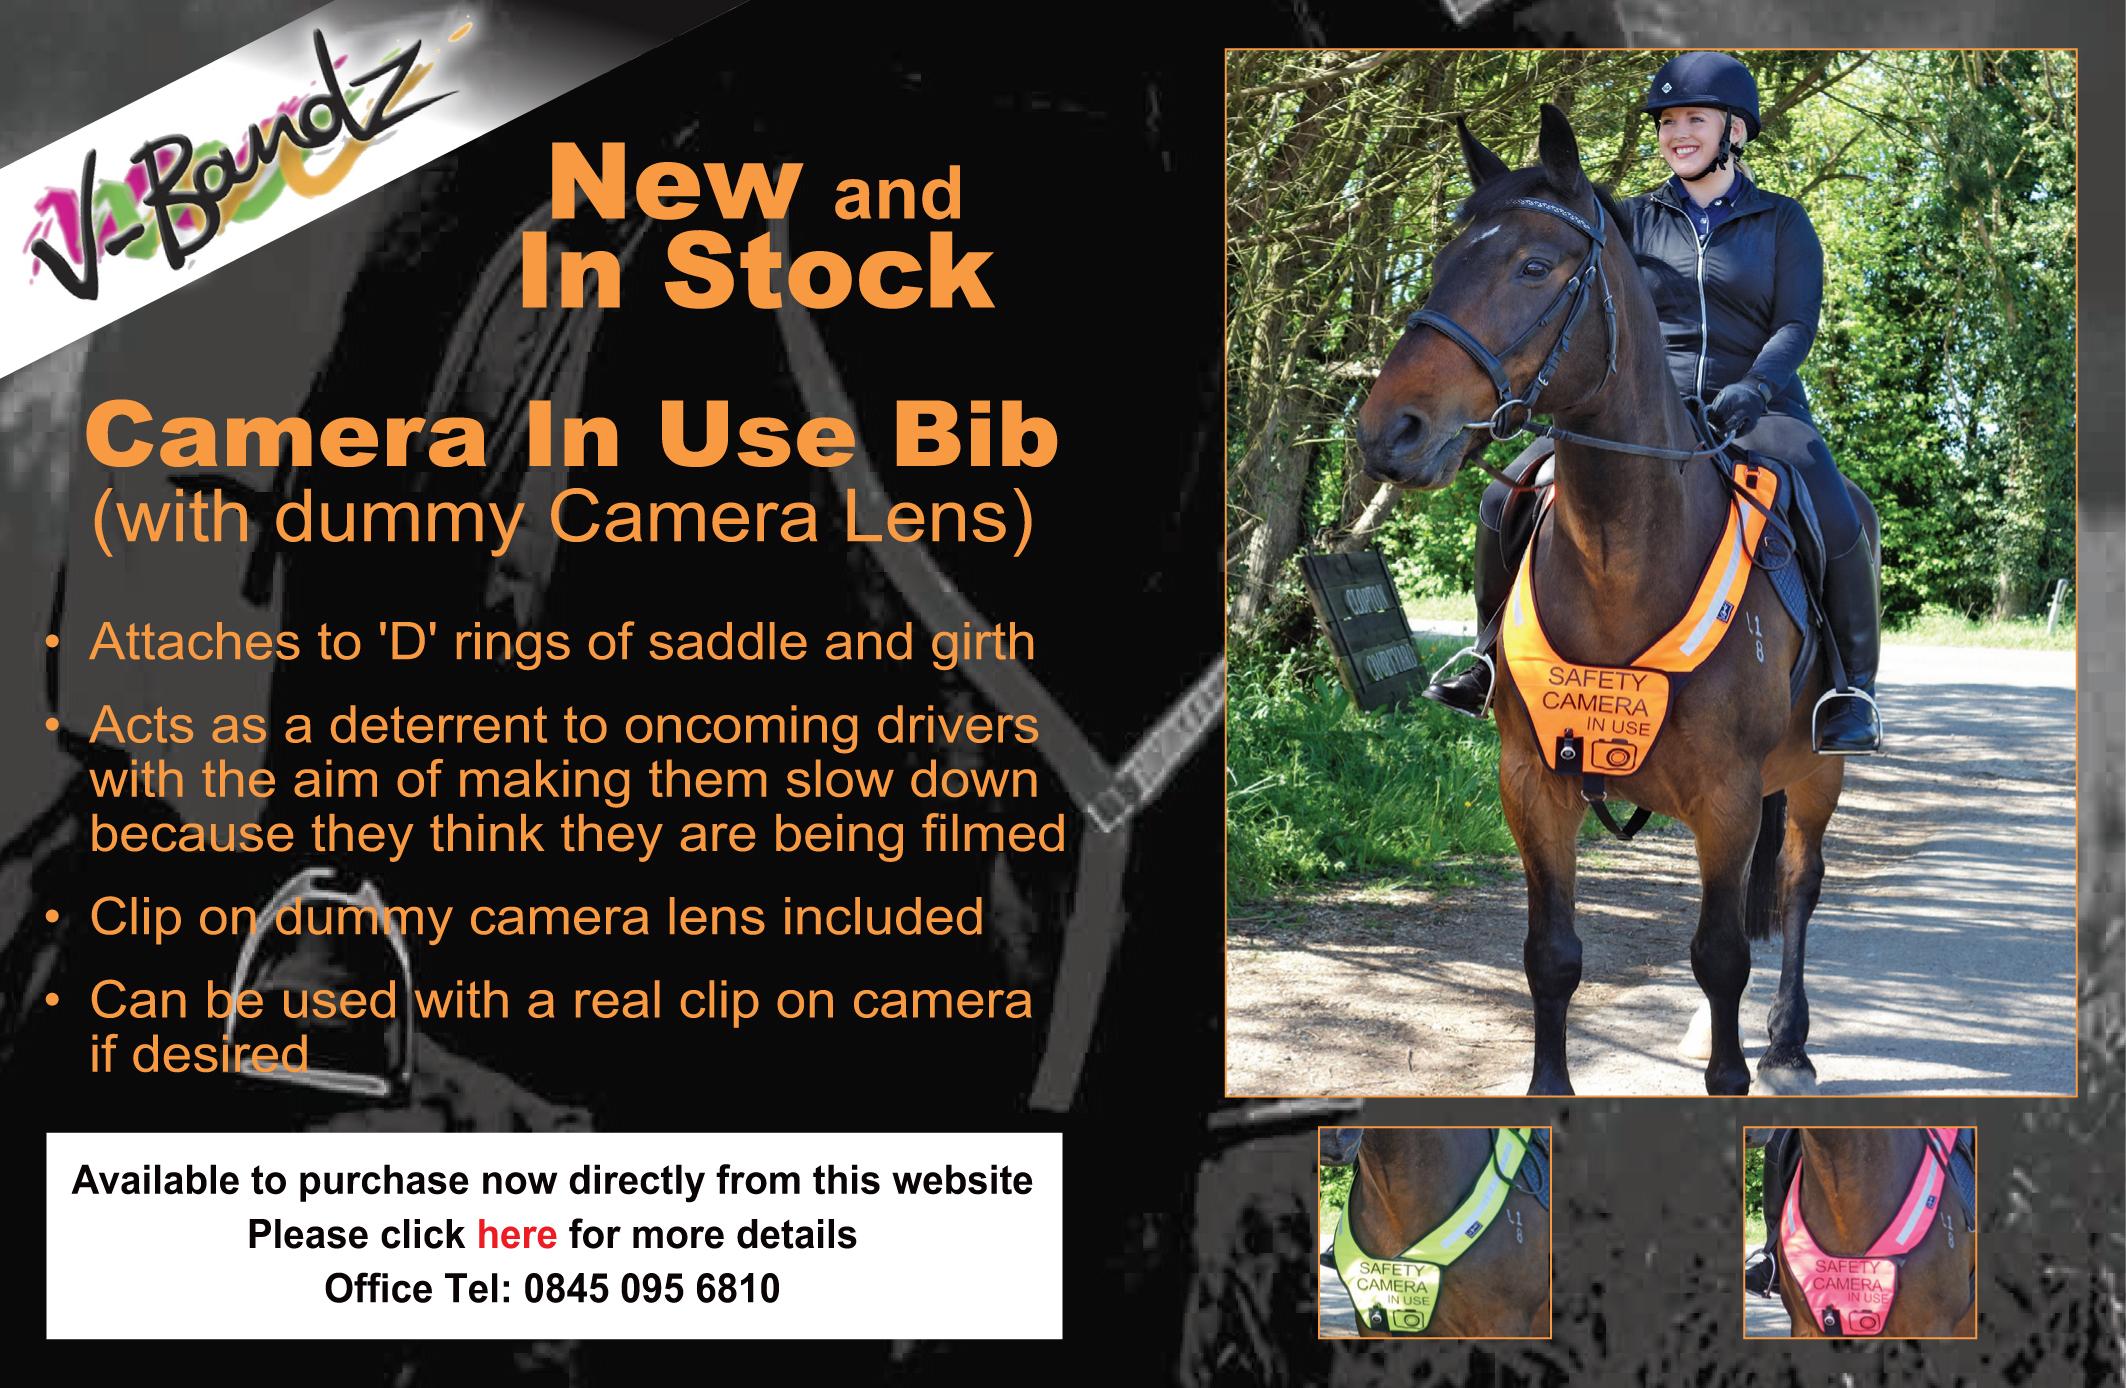 High visibility product rider, horse, pet - v-bandz co uk